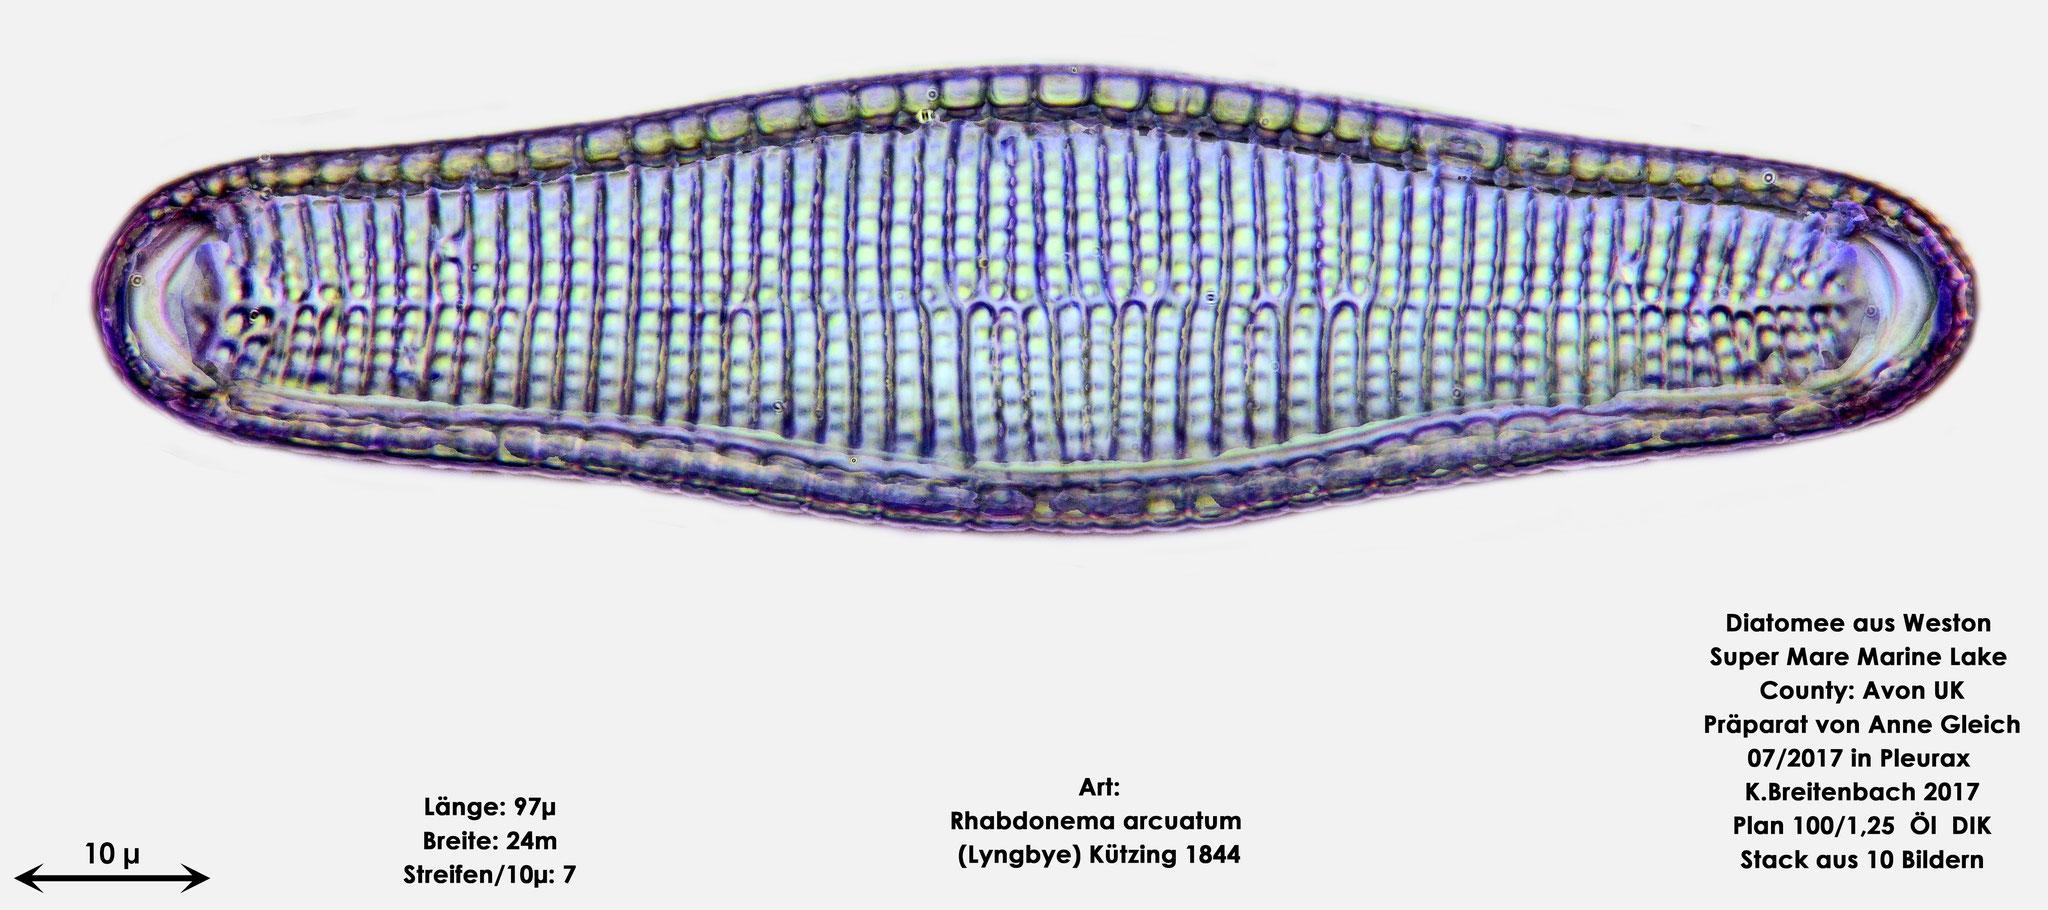 Bild 38 Diatomeen aus Weston Super Mare, UK; Art: Rhabdonema arcuatum (Lyngbye) Kützing 1844